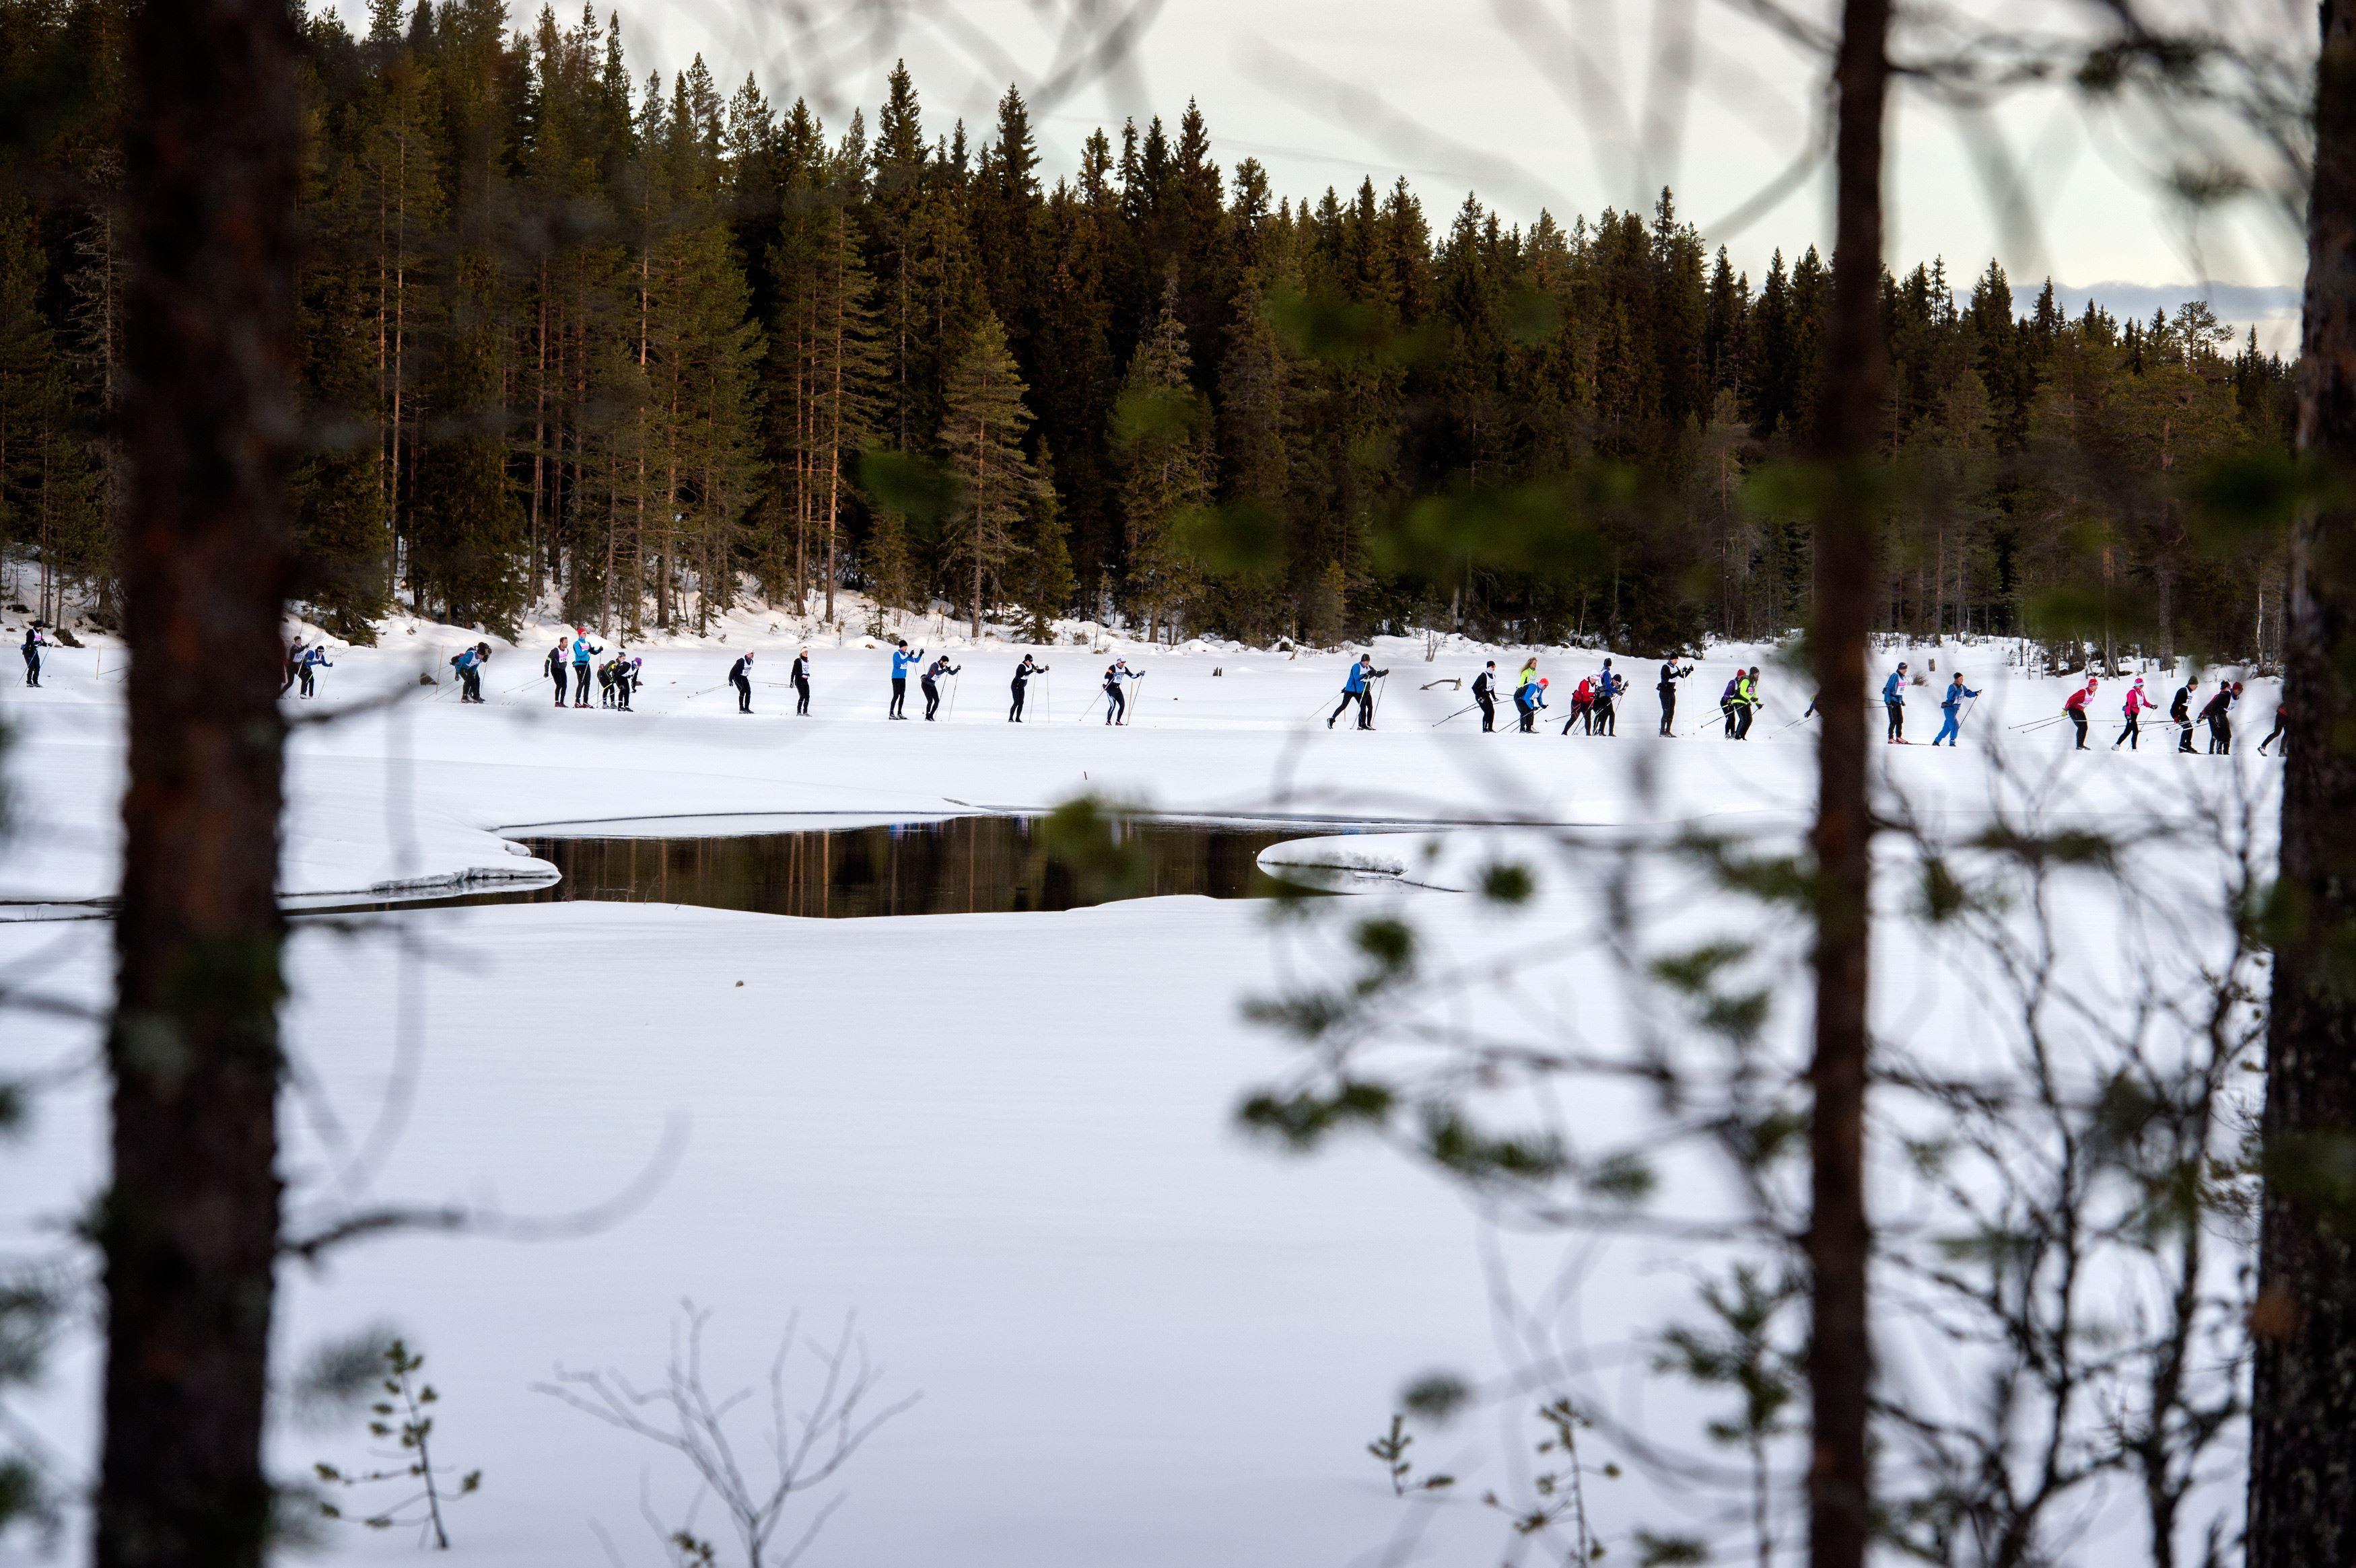 Vasaloppet - Cross country ski race